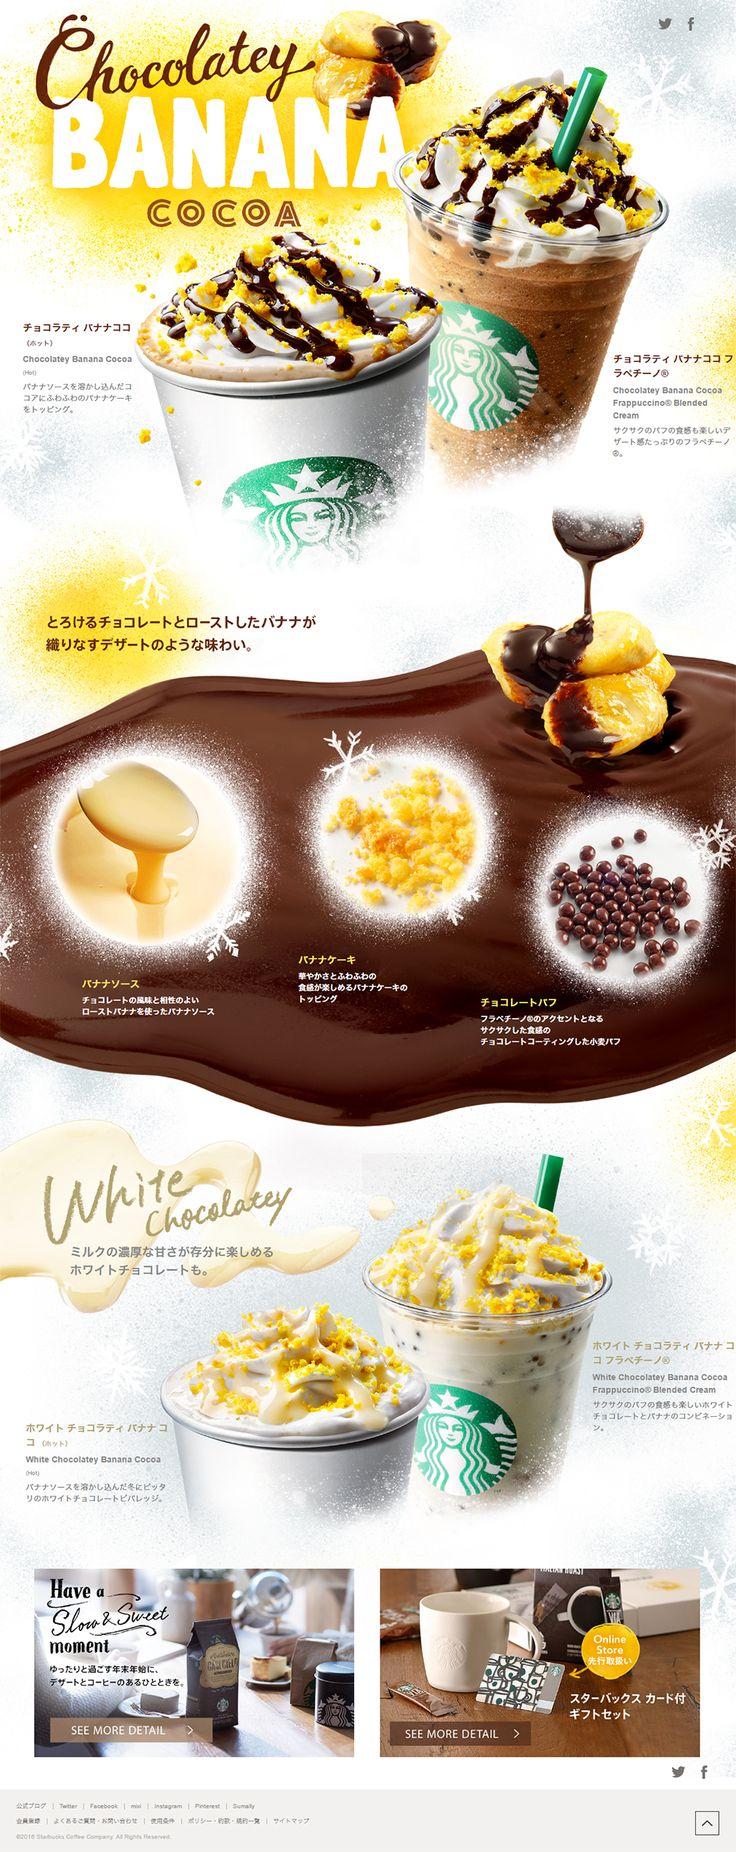 チョコラティ バナナ ココ|WEBデザイナーさん必見!ランディングページのデザイン参考に(かわいい系)